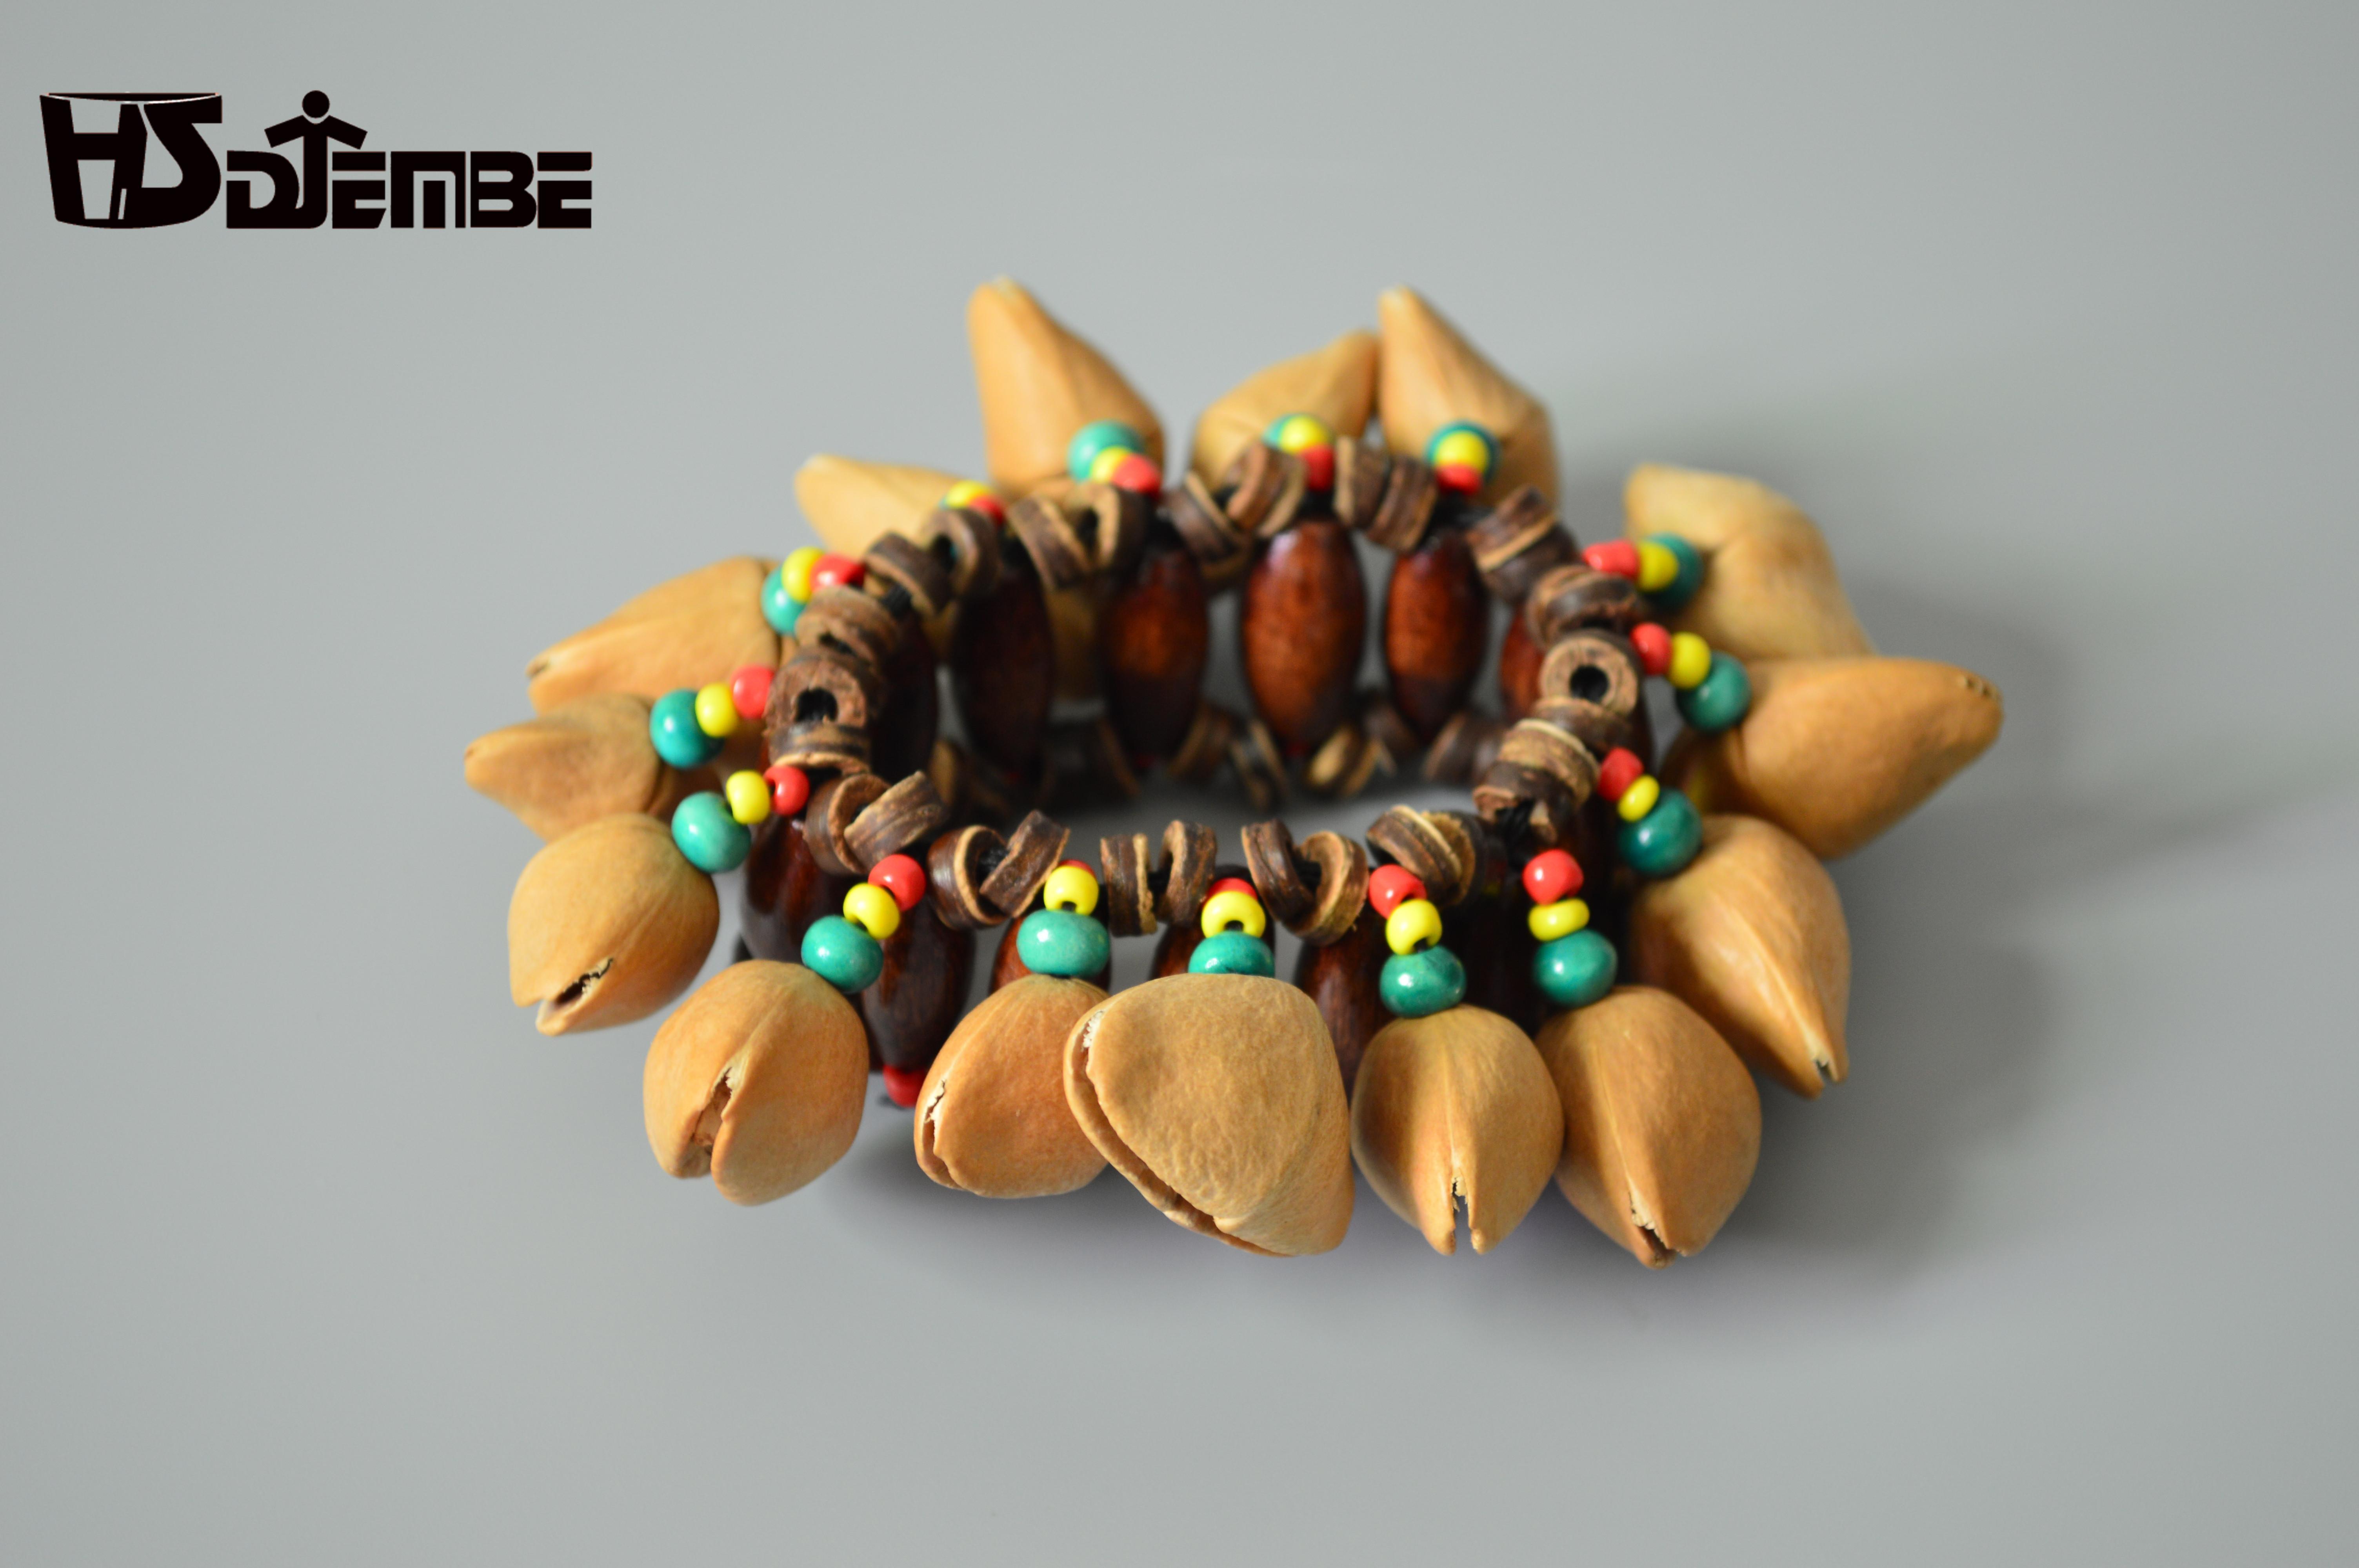 印尼 多拉果壳 果壳手铃 手鼓 非洲鼓伴奏 打击乐器 铛坚果壳脚链